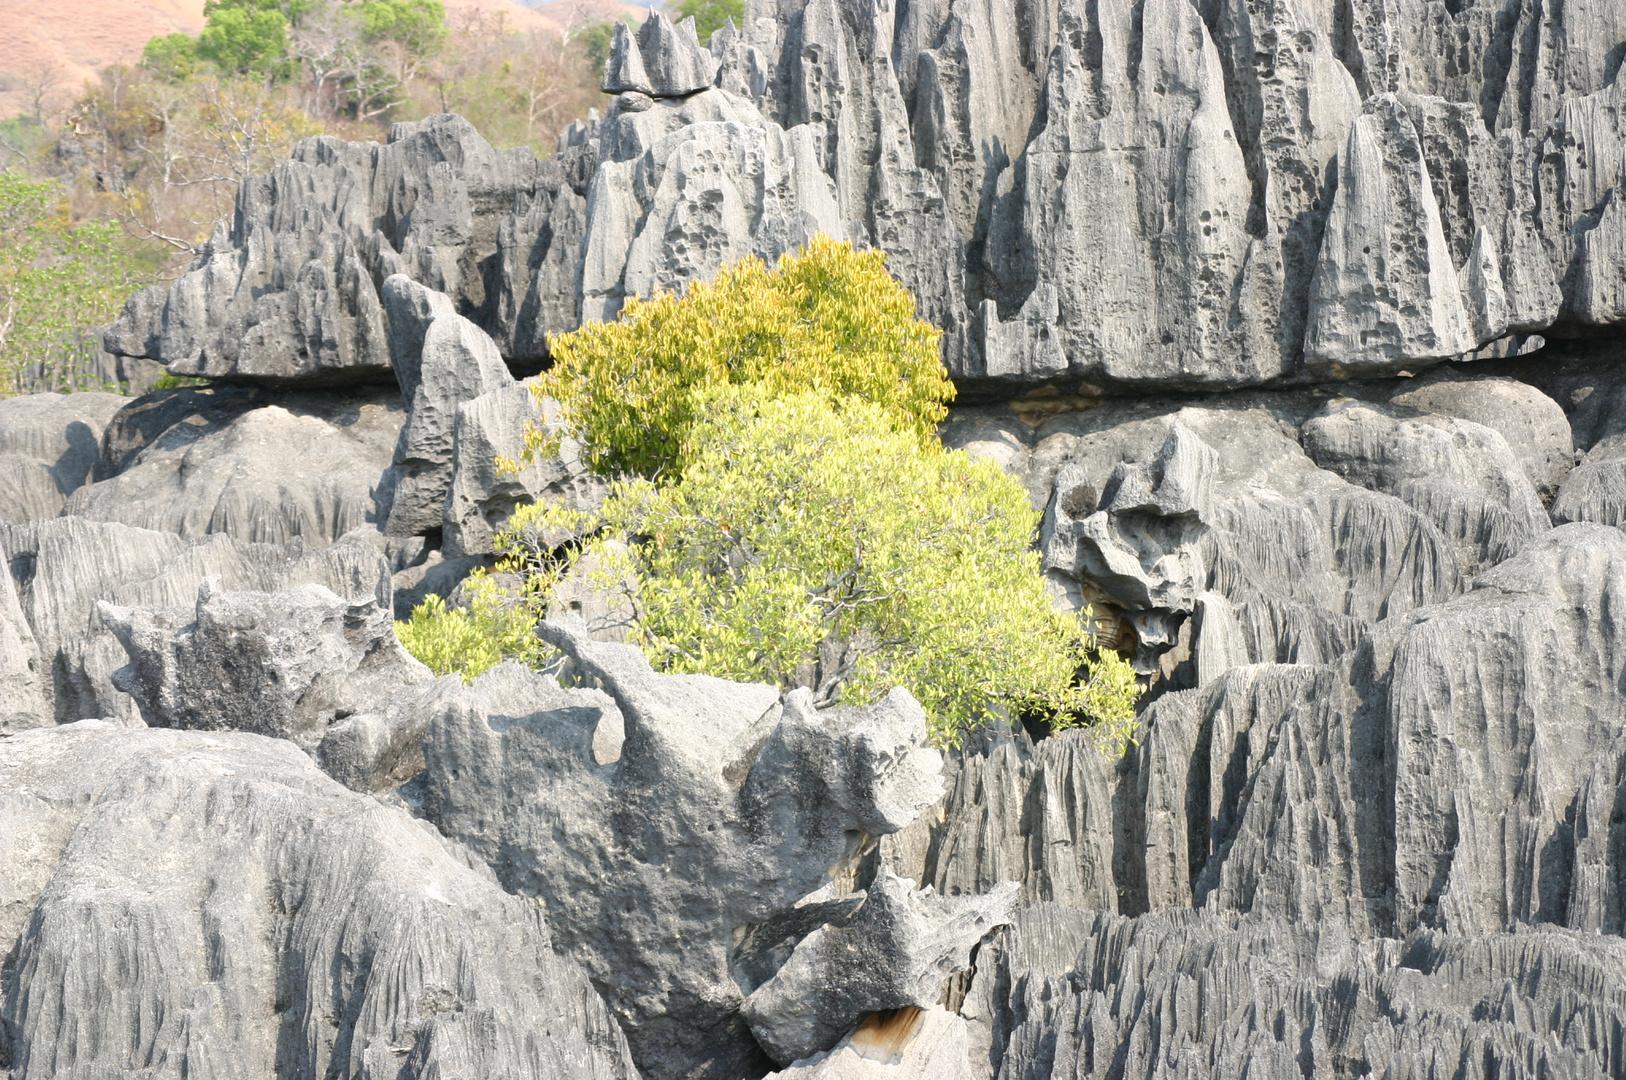 un brin de verdure en milieux rocailleux